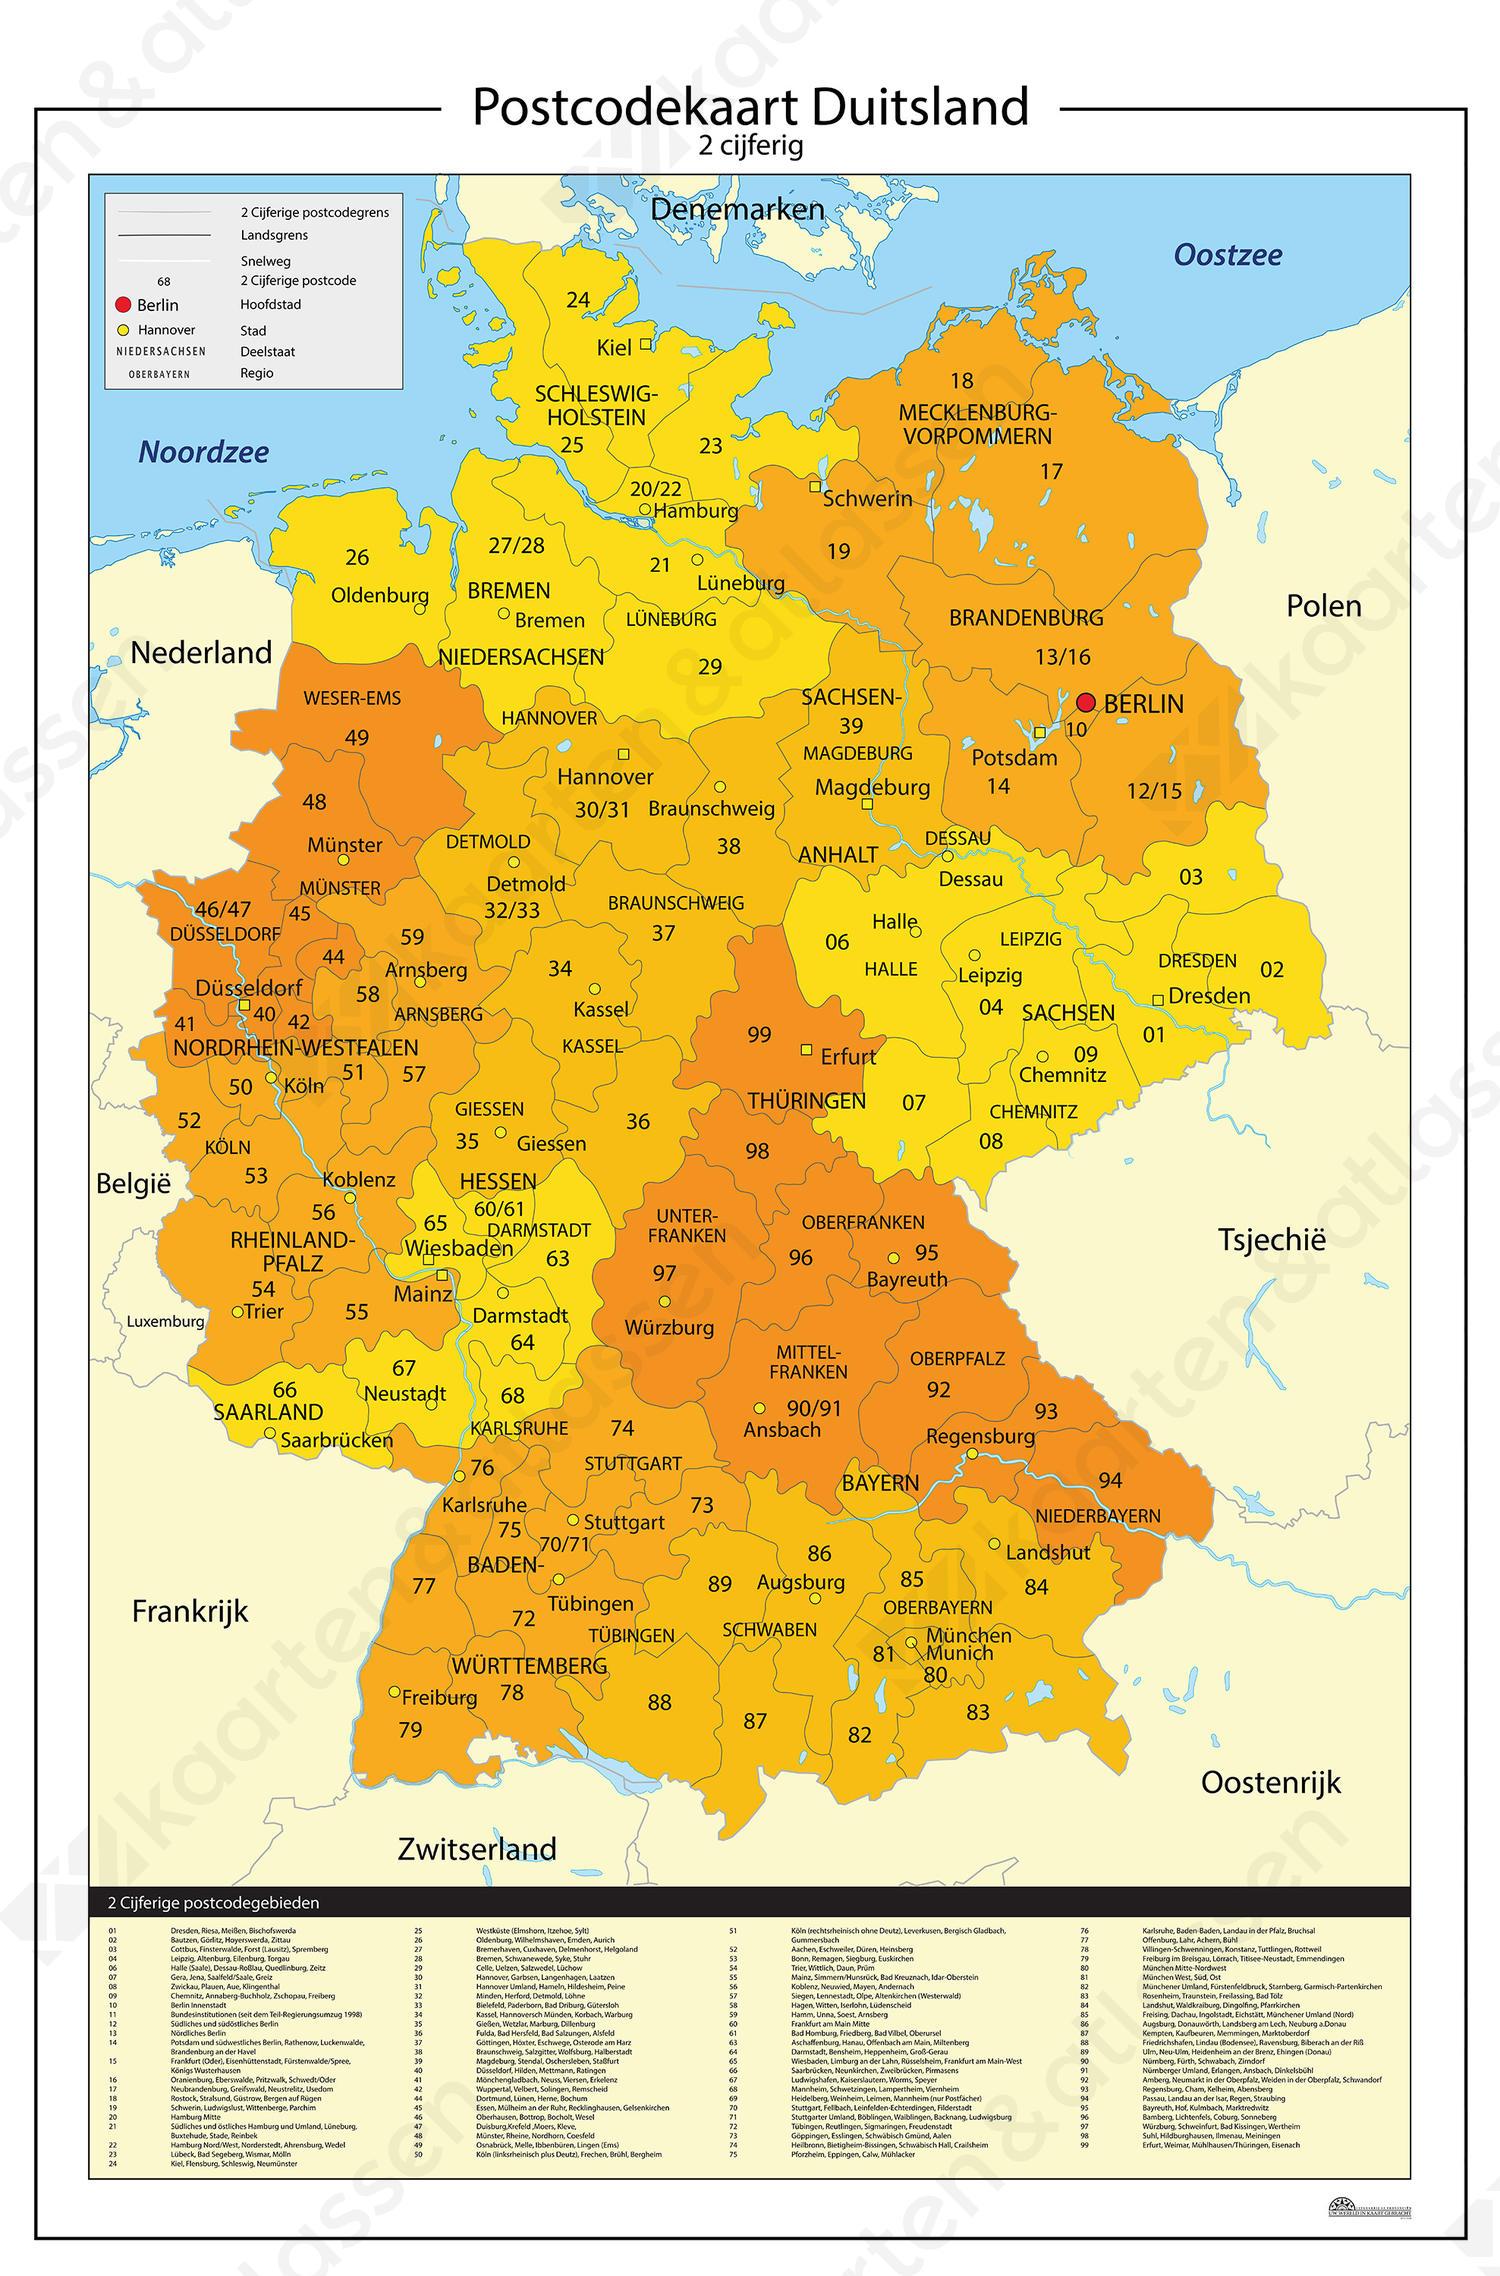 gebieden duitsland op kaart Duitsland 2 cijferige postcodekaart 814 | Kaarten en Atlassen.nl